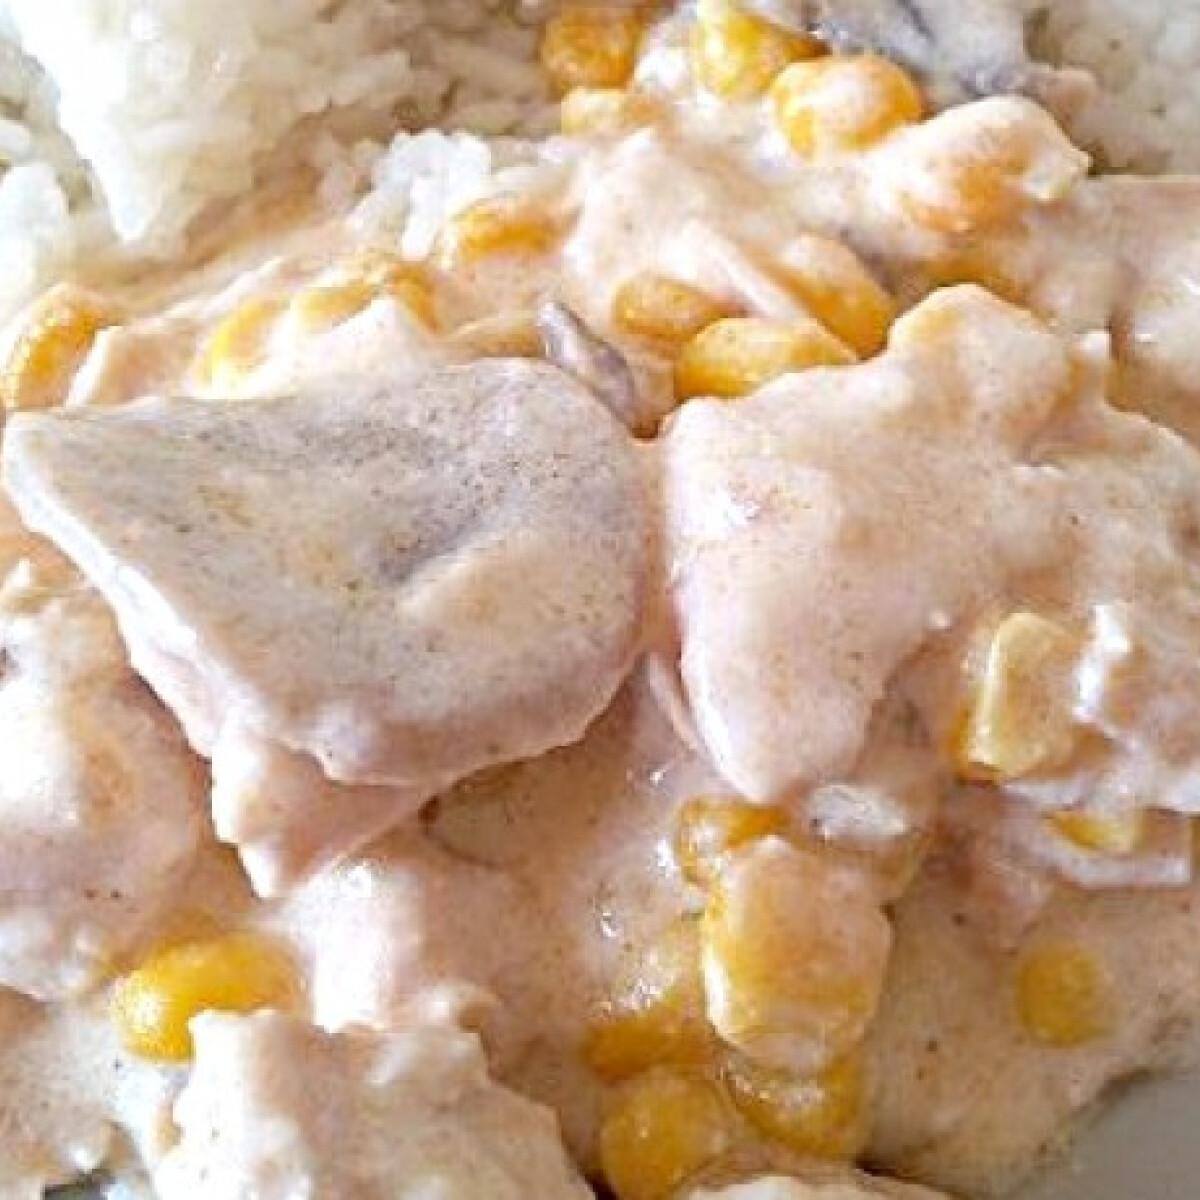 Son-go-ku csirke